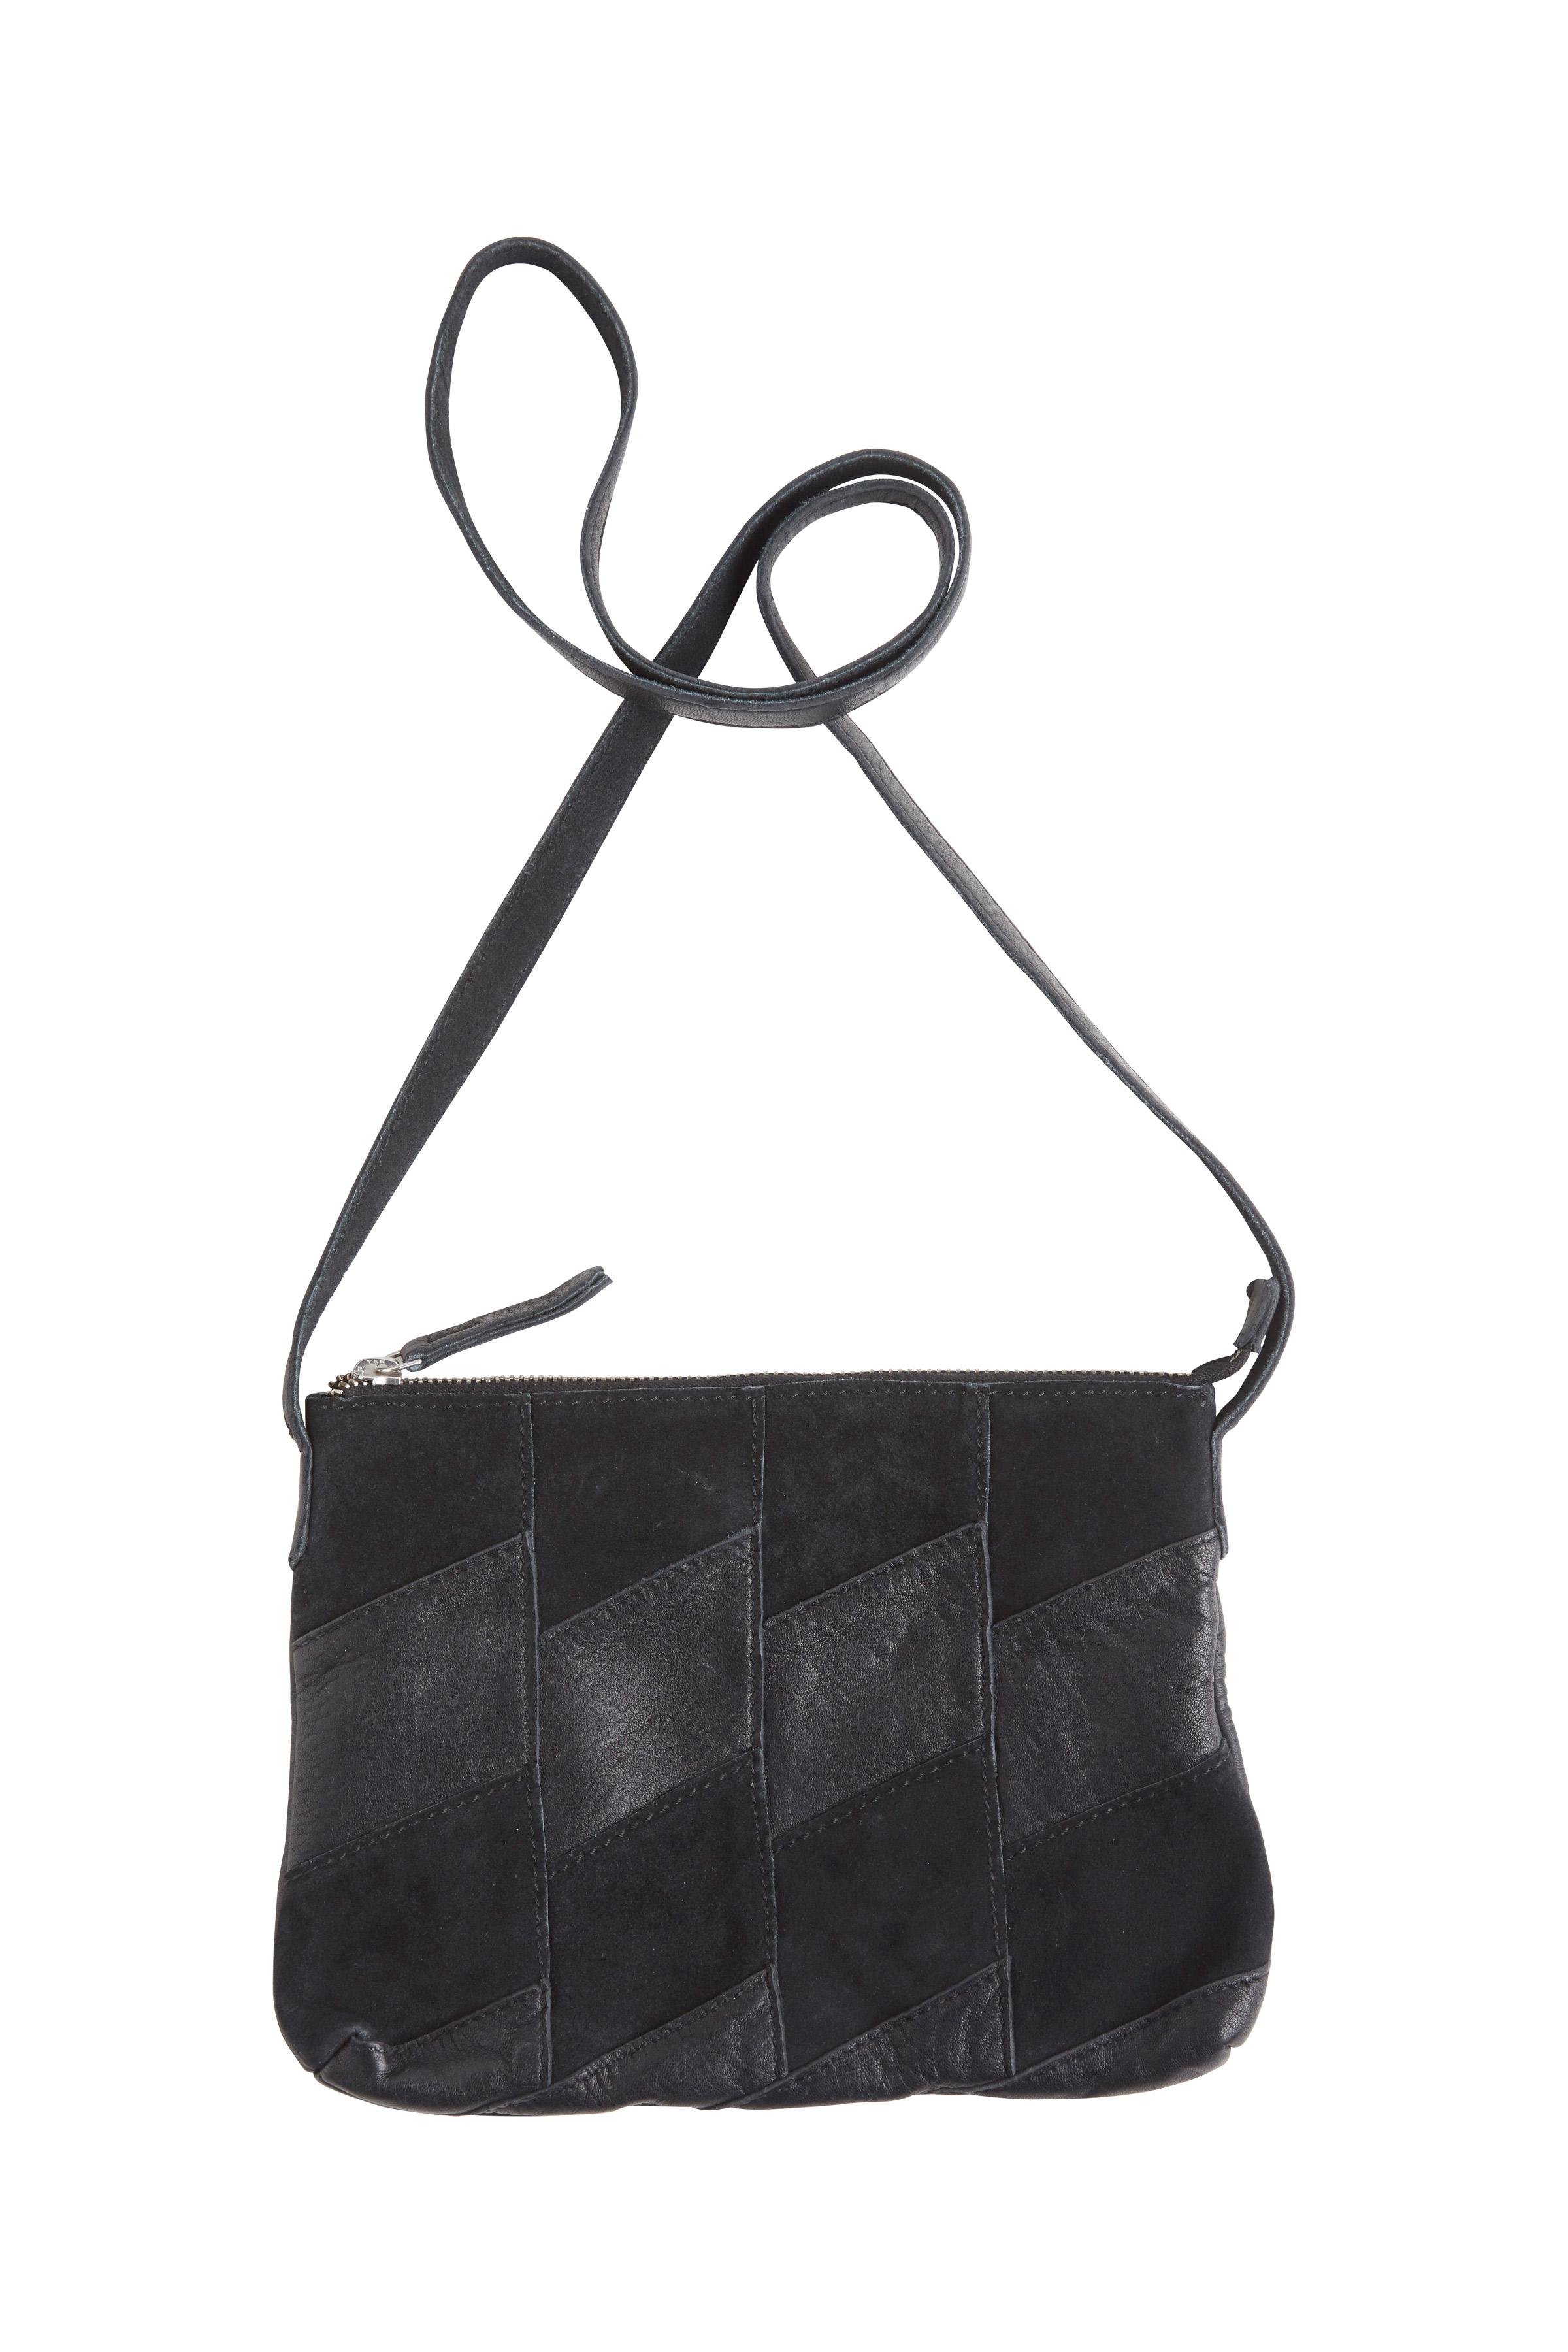 Zwart Tas van b.young – Koop Zwart Tas hier van size ONE